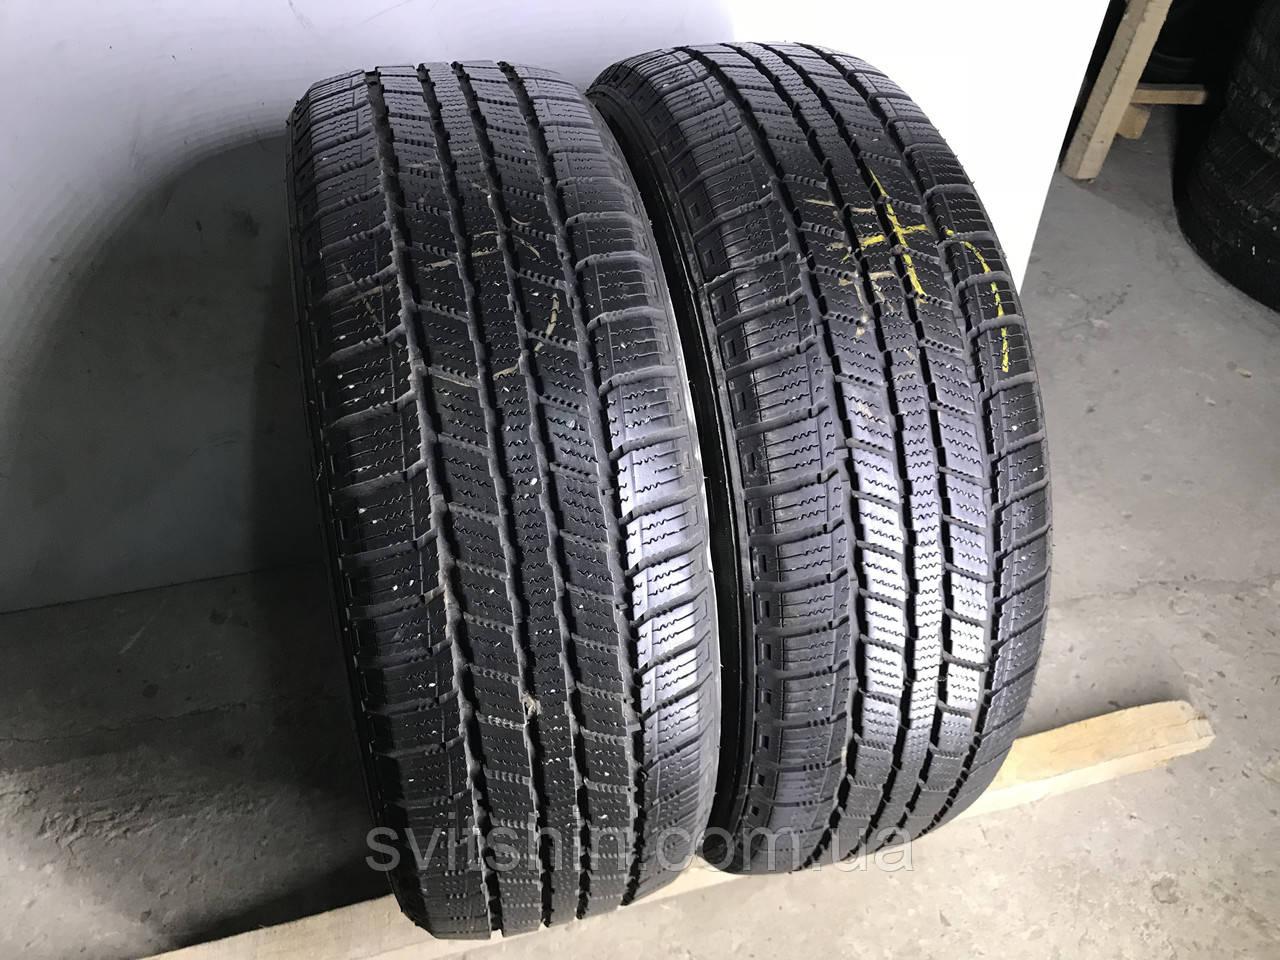 Шины бу зима 205/60R16 Rockstone Ice-Plus S110 (2шт) 5,5-6,5мм